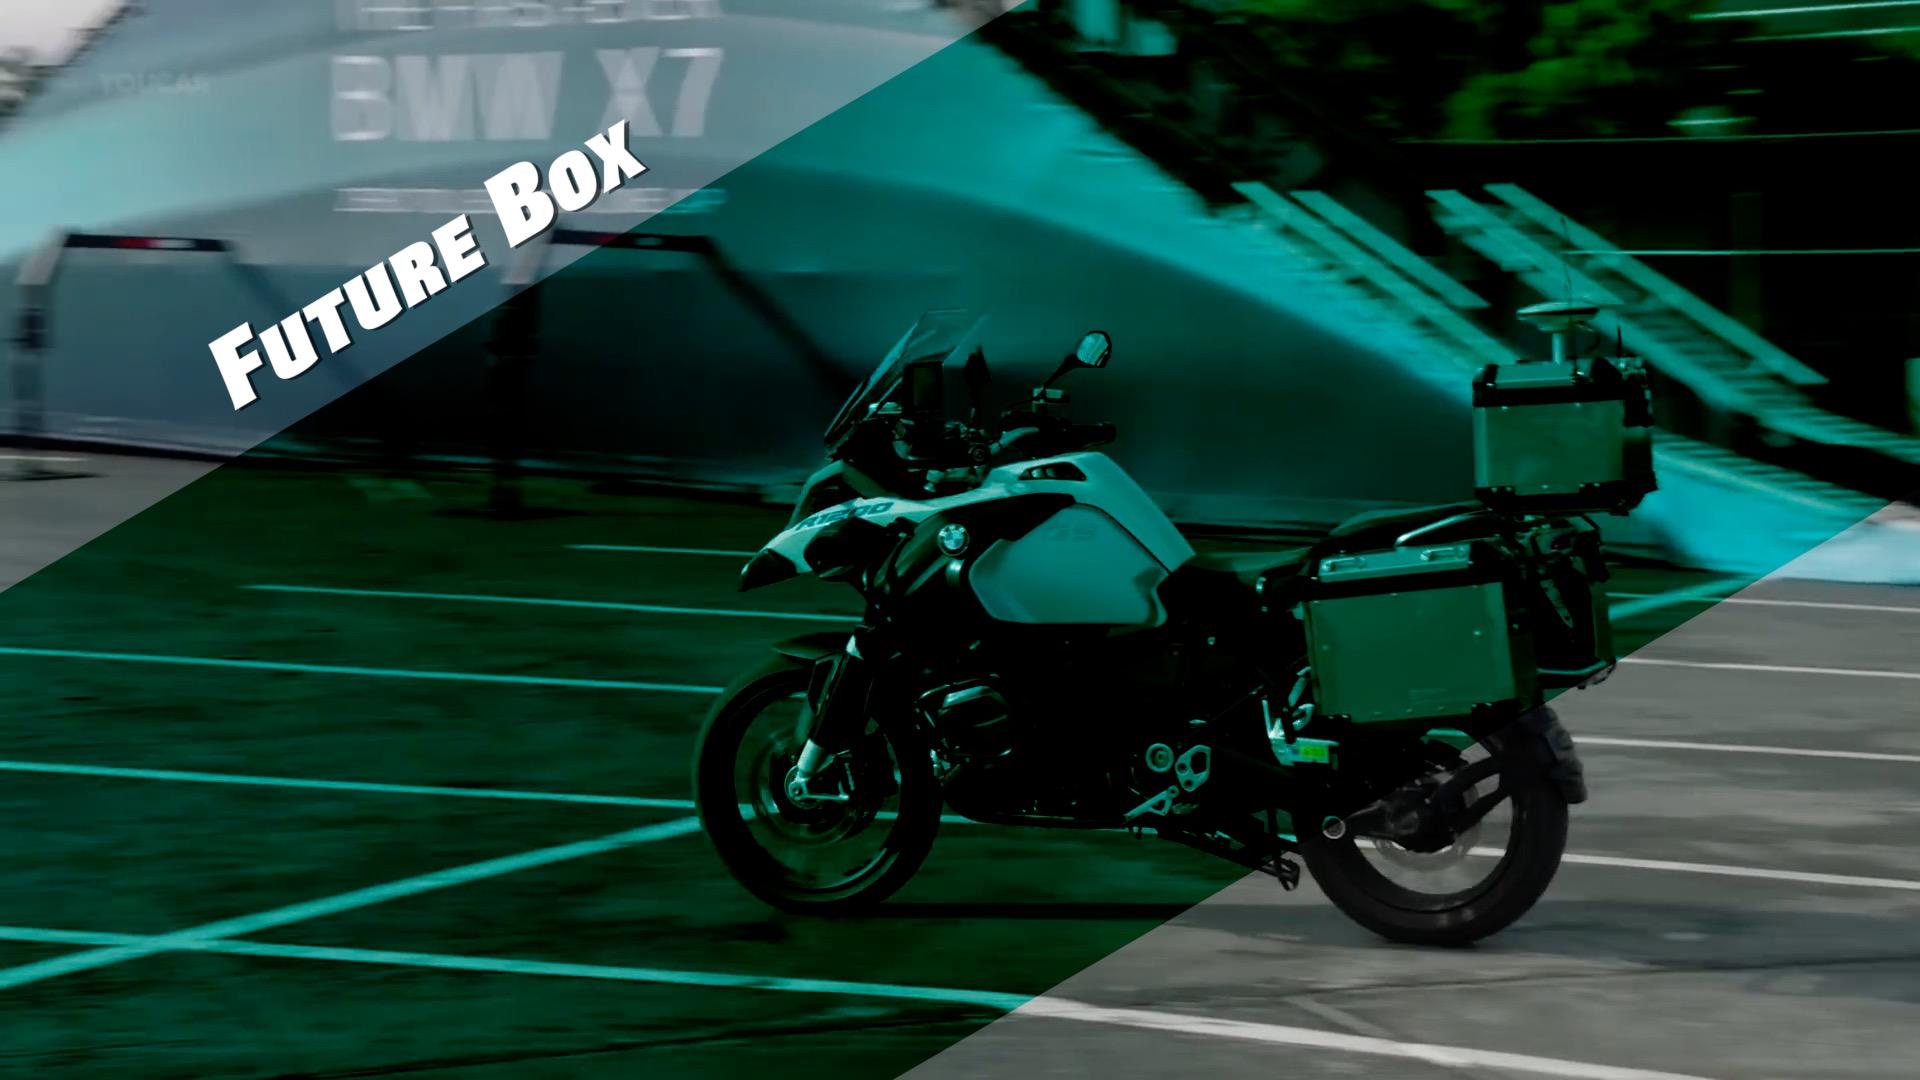 【鈦媒體視頻 Future Box】自動駕駛摩托車,寶馬造